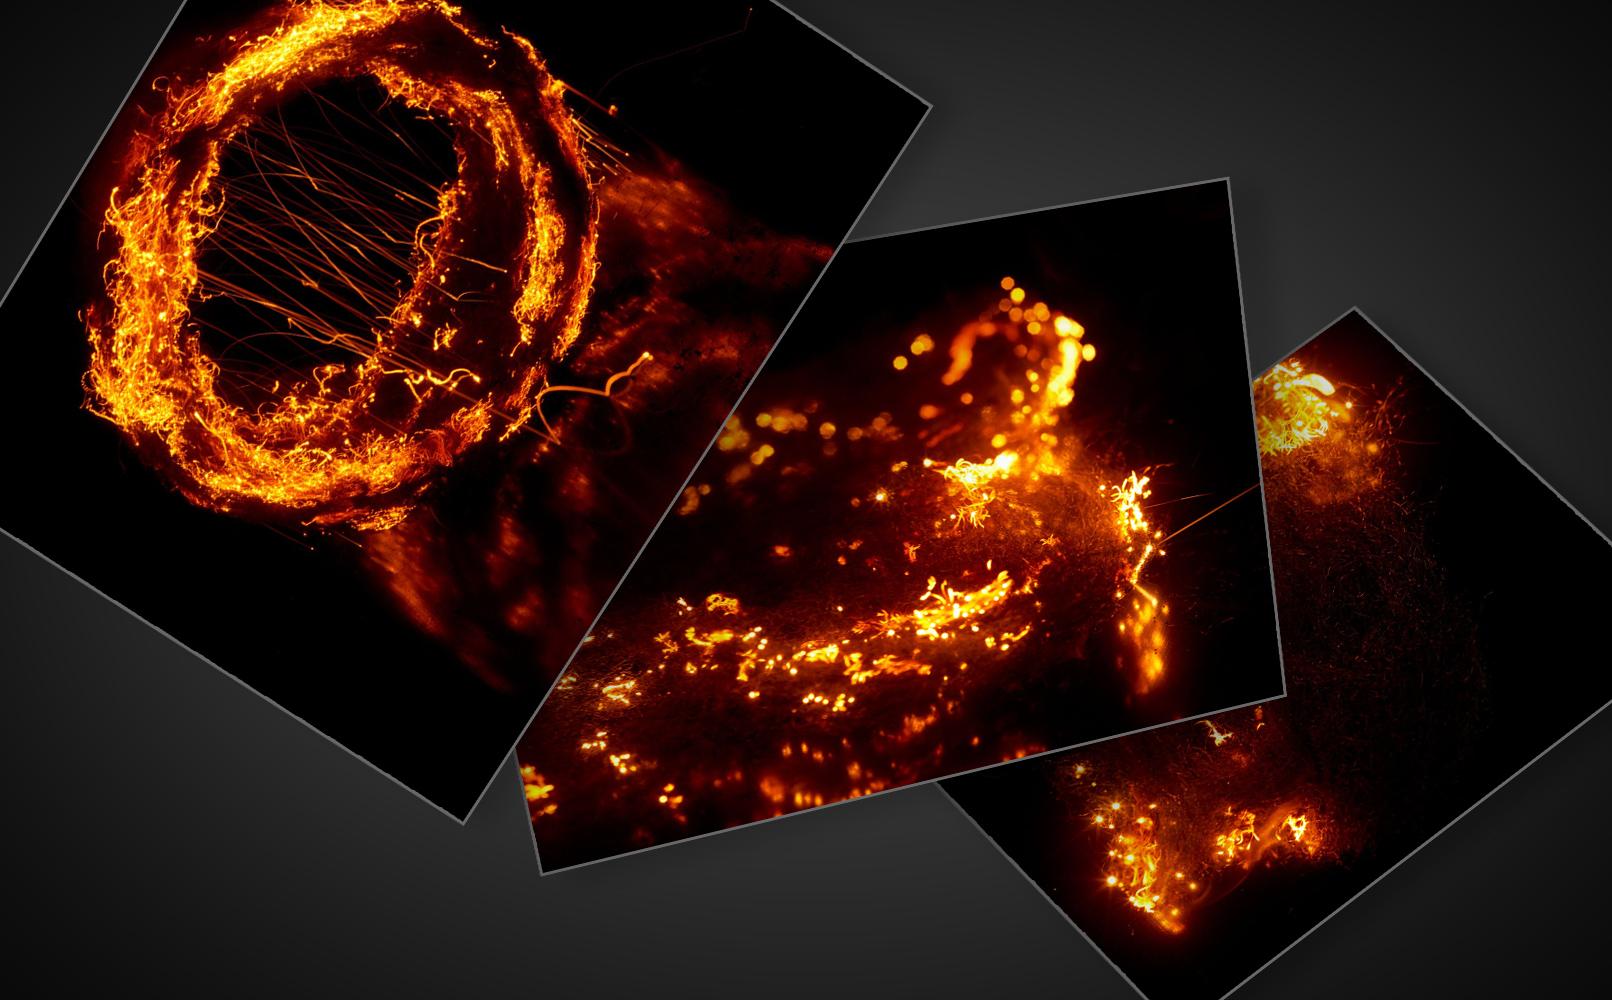 Feuer-Bilder und Flammen-Bilder für Compositings und zur Bildbearbeitung.